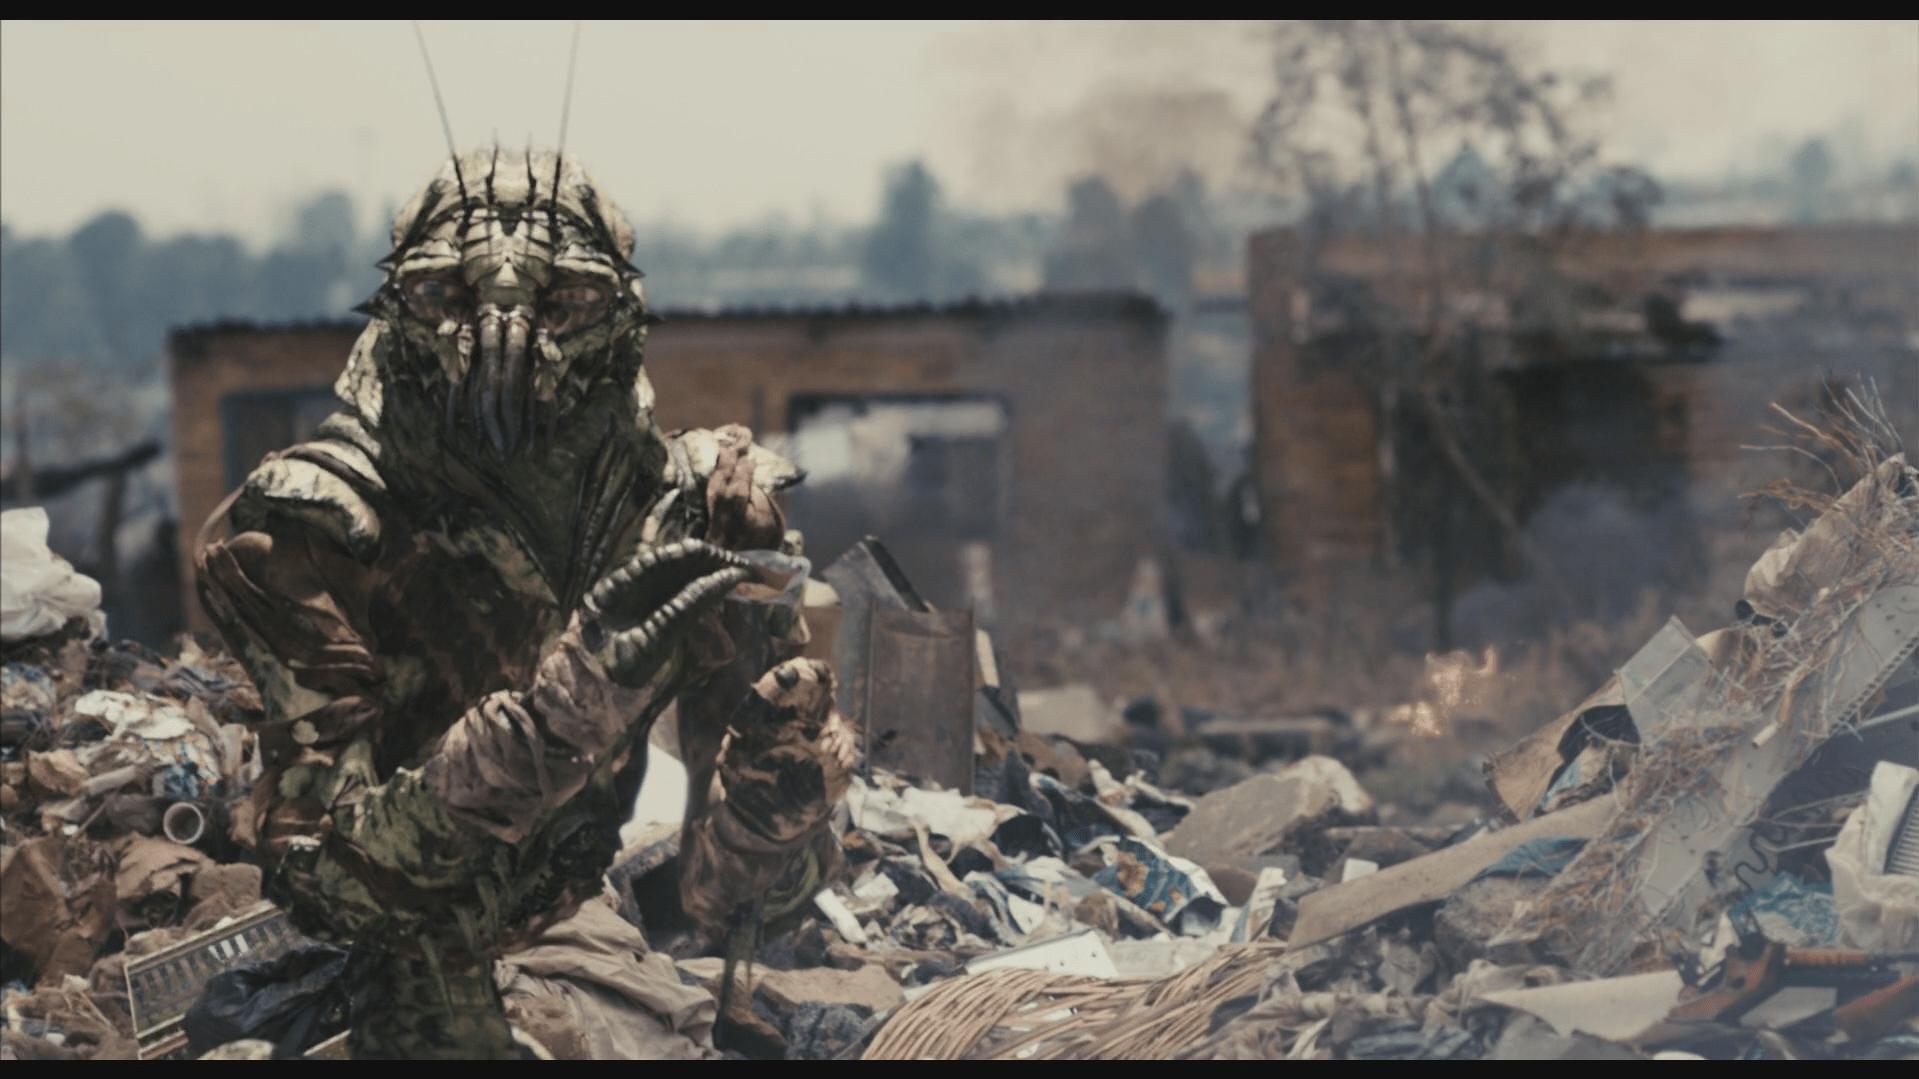 Безумные сценарии инопланетного вторжения: злобные будильники, огурцы и кибер-дантисты 8